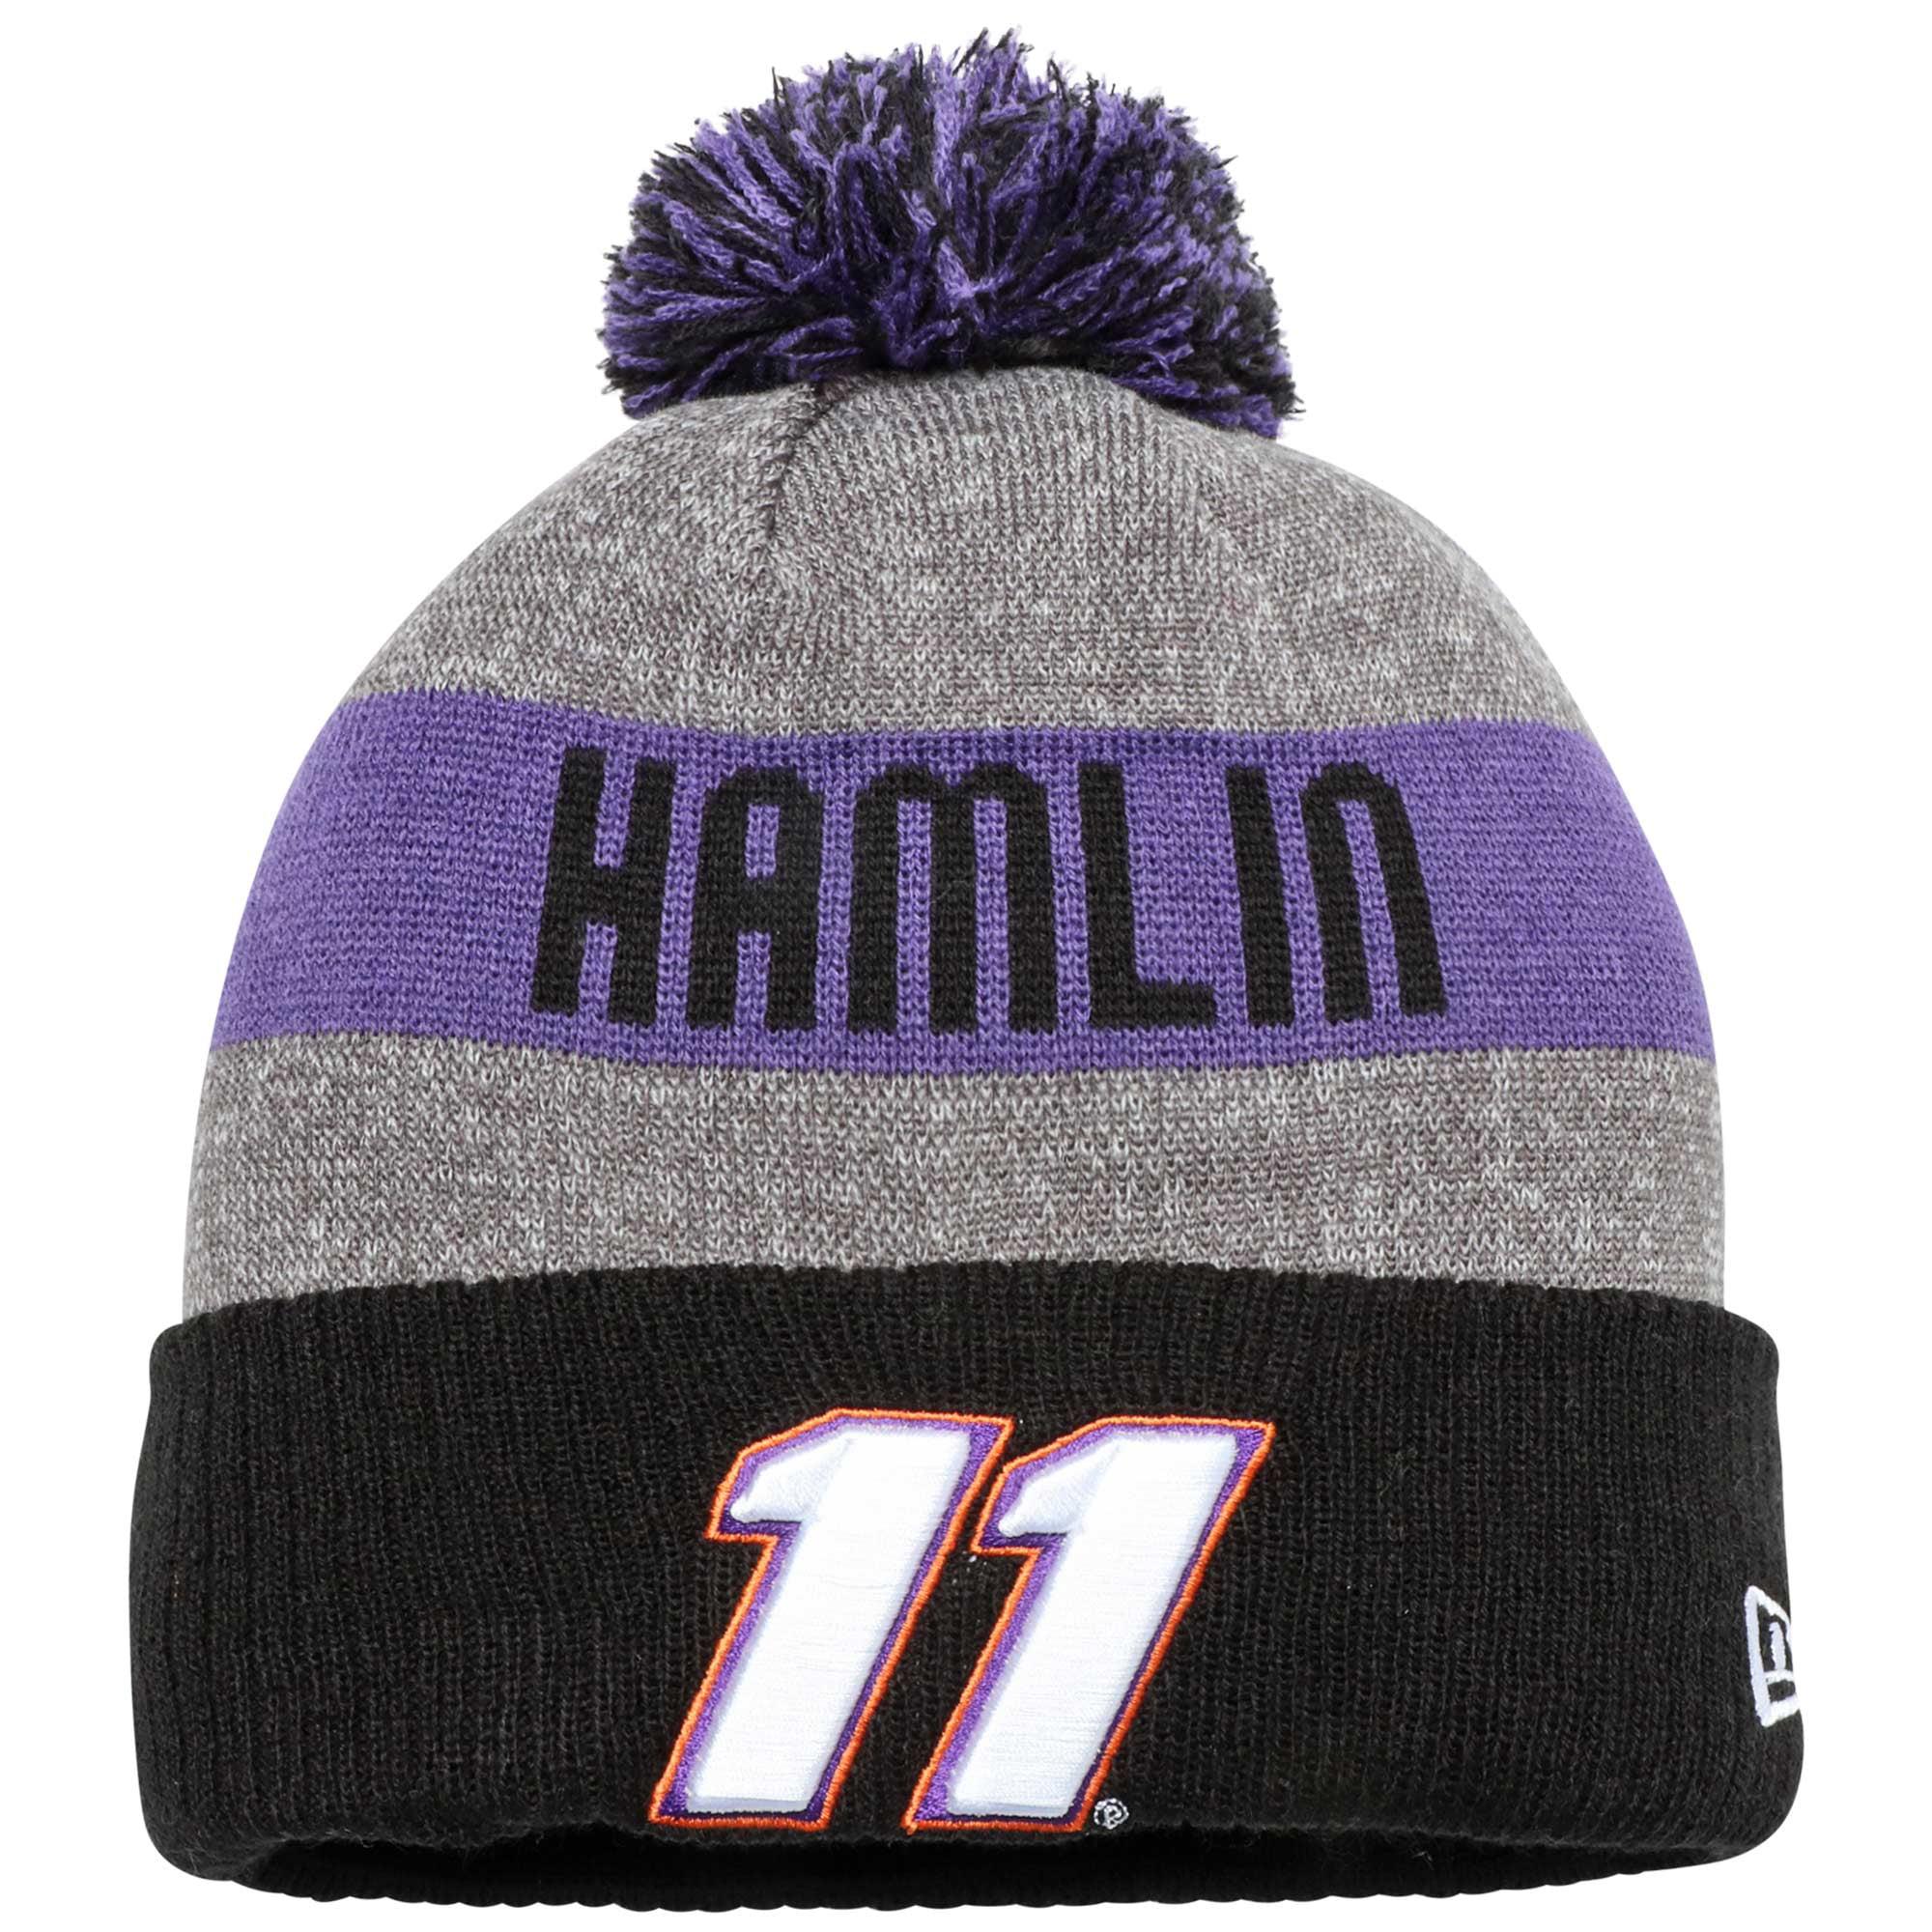 Denny Hamlin New Era Sport Knit Hat Black OSFA by NEW ERA CAP COMPANY